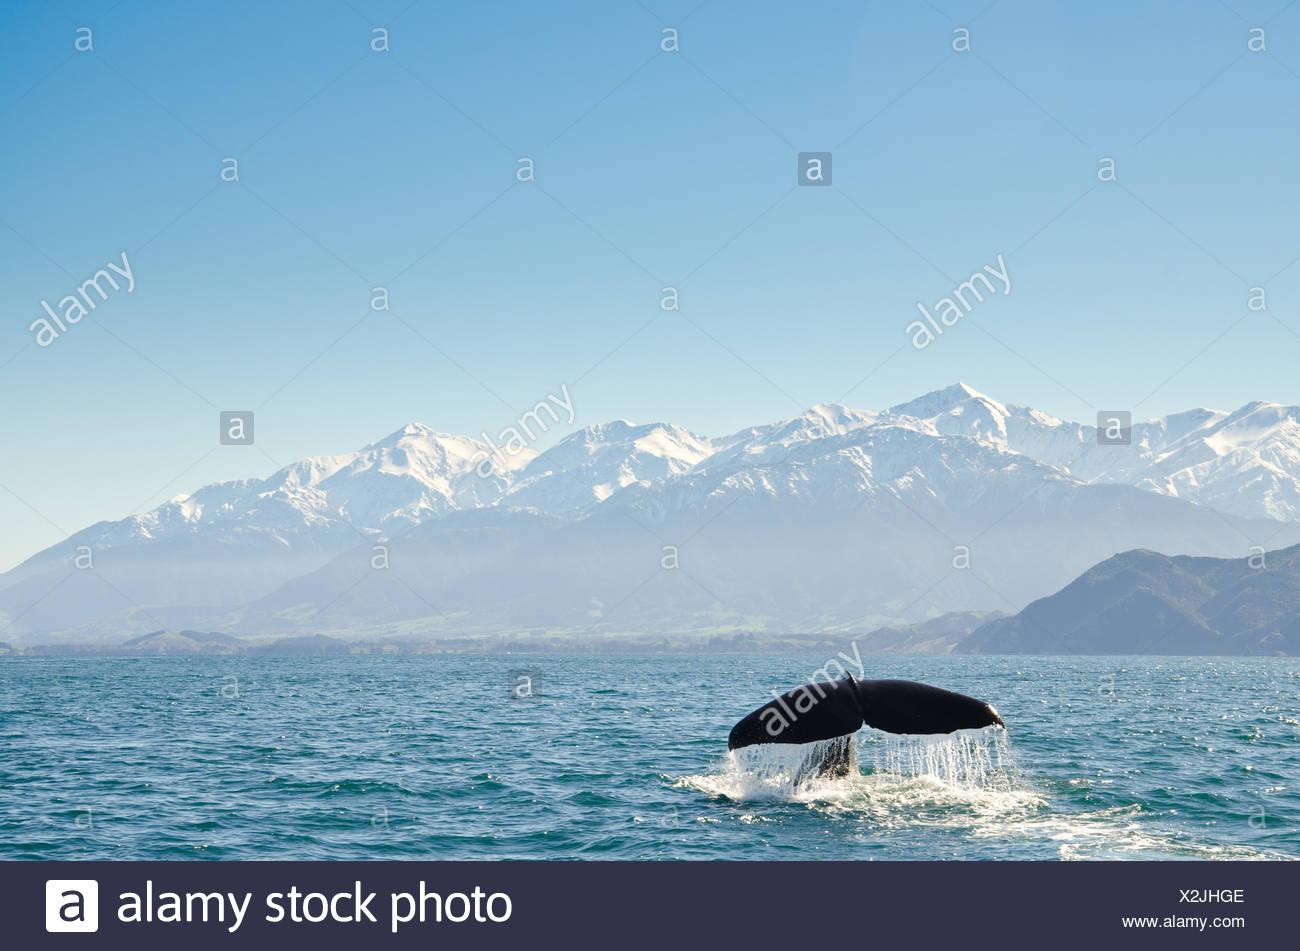 Cola de ballena fluke en el océano, Kaikoura, Canterbury, isla del sur, Nueva Zelanda Foto de stock